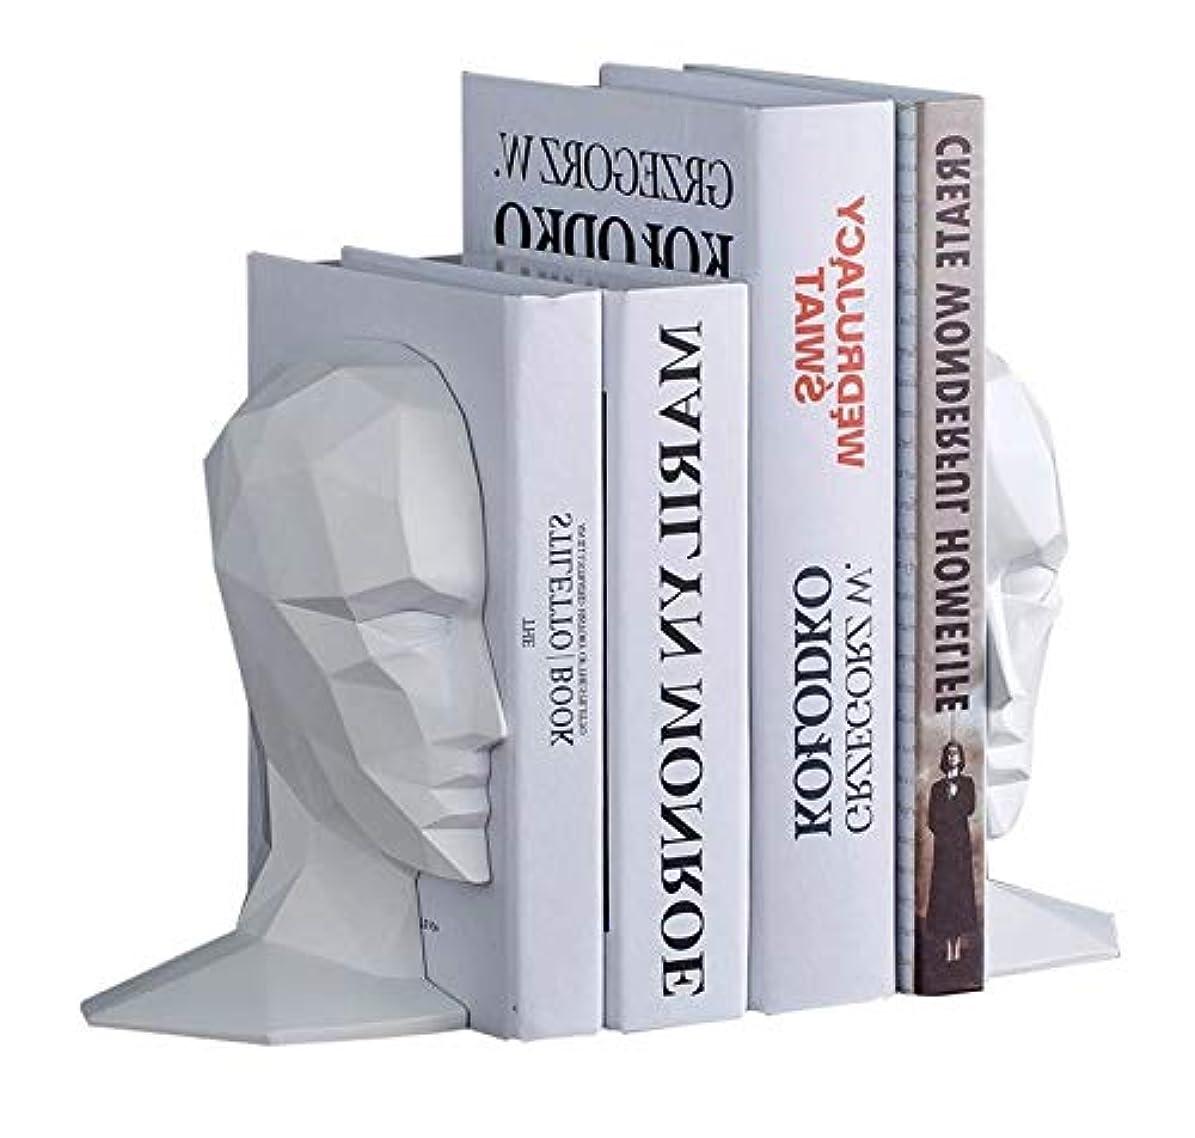 受信好み損傷Cetengkeji ブックファイルシンプルな文字白い樹脂本は創造的な抽象家の本棚に頼る柔らかい飾り本スタンド装飾 (Color : ホワイト)